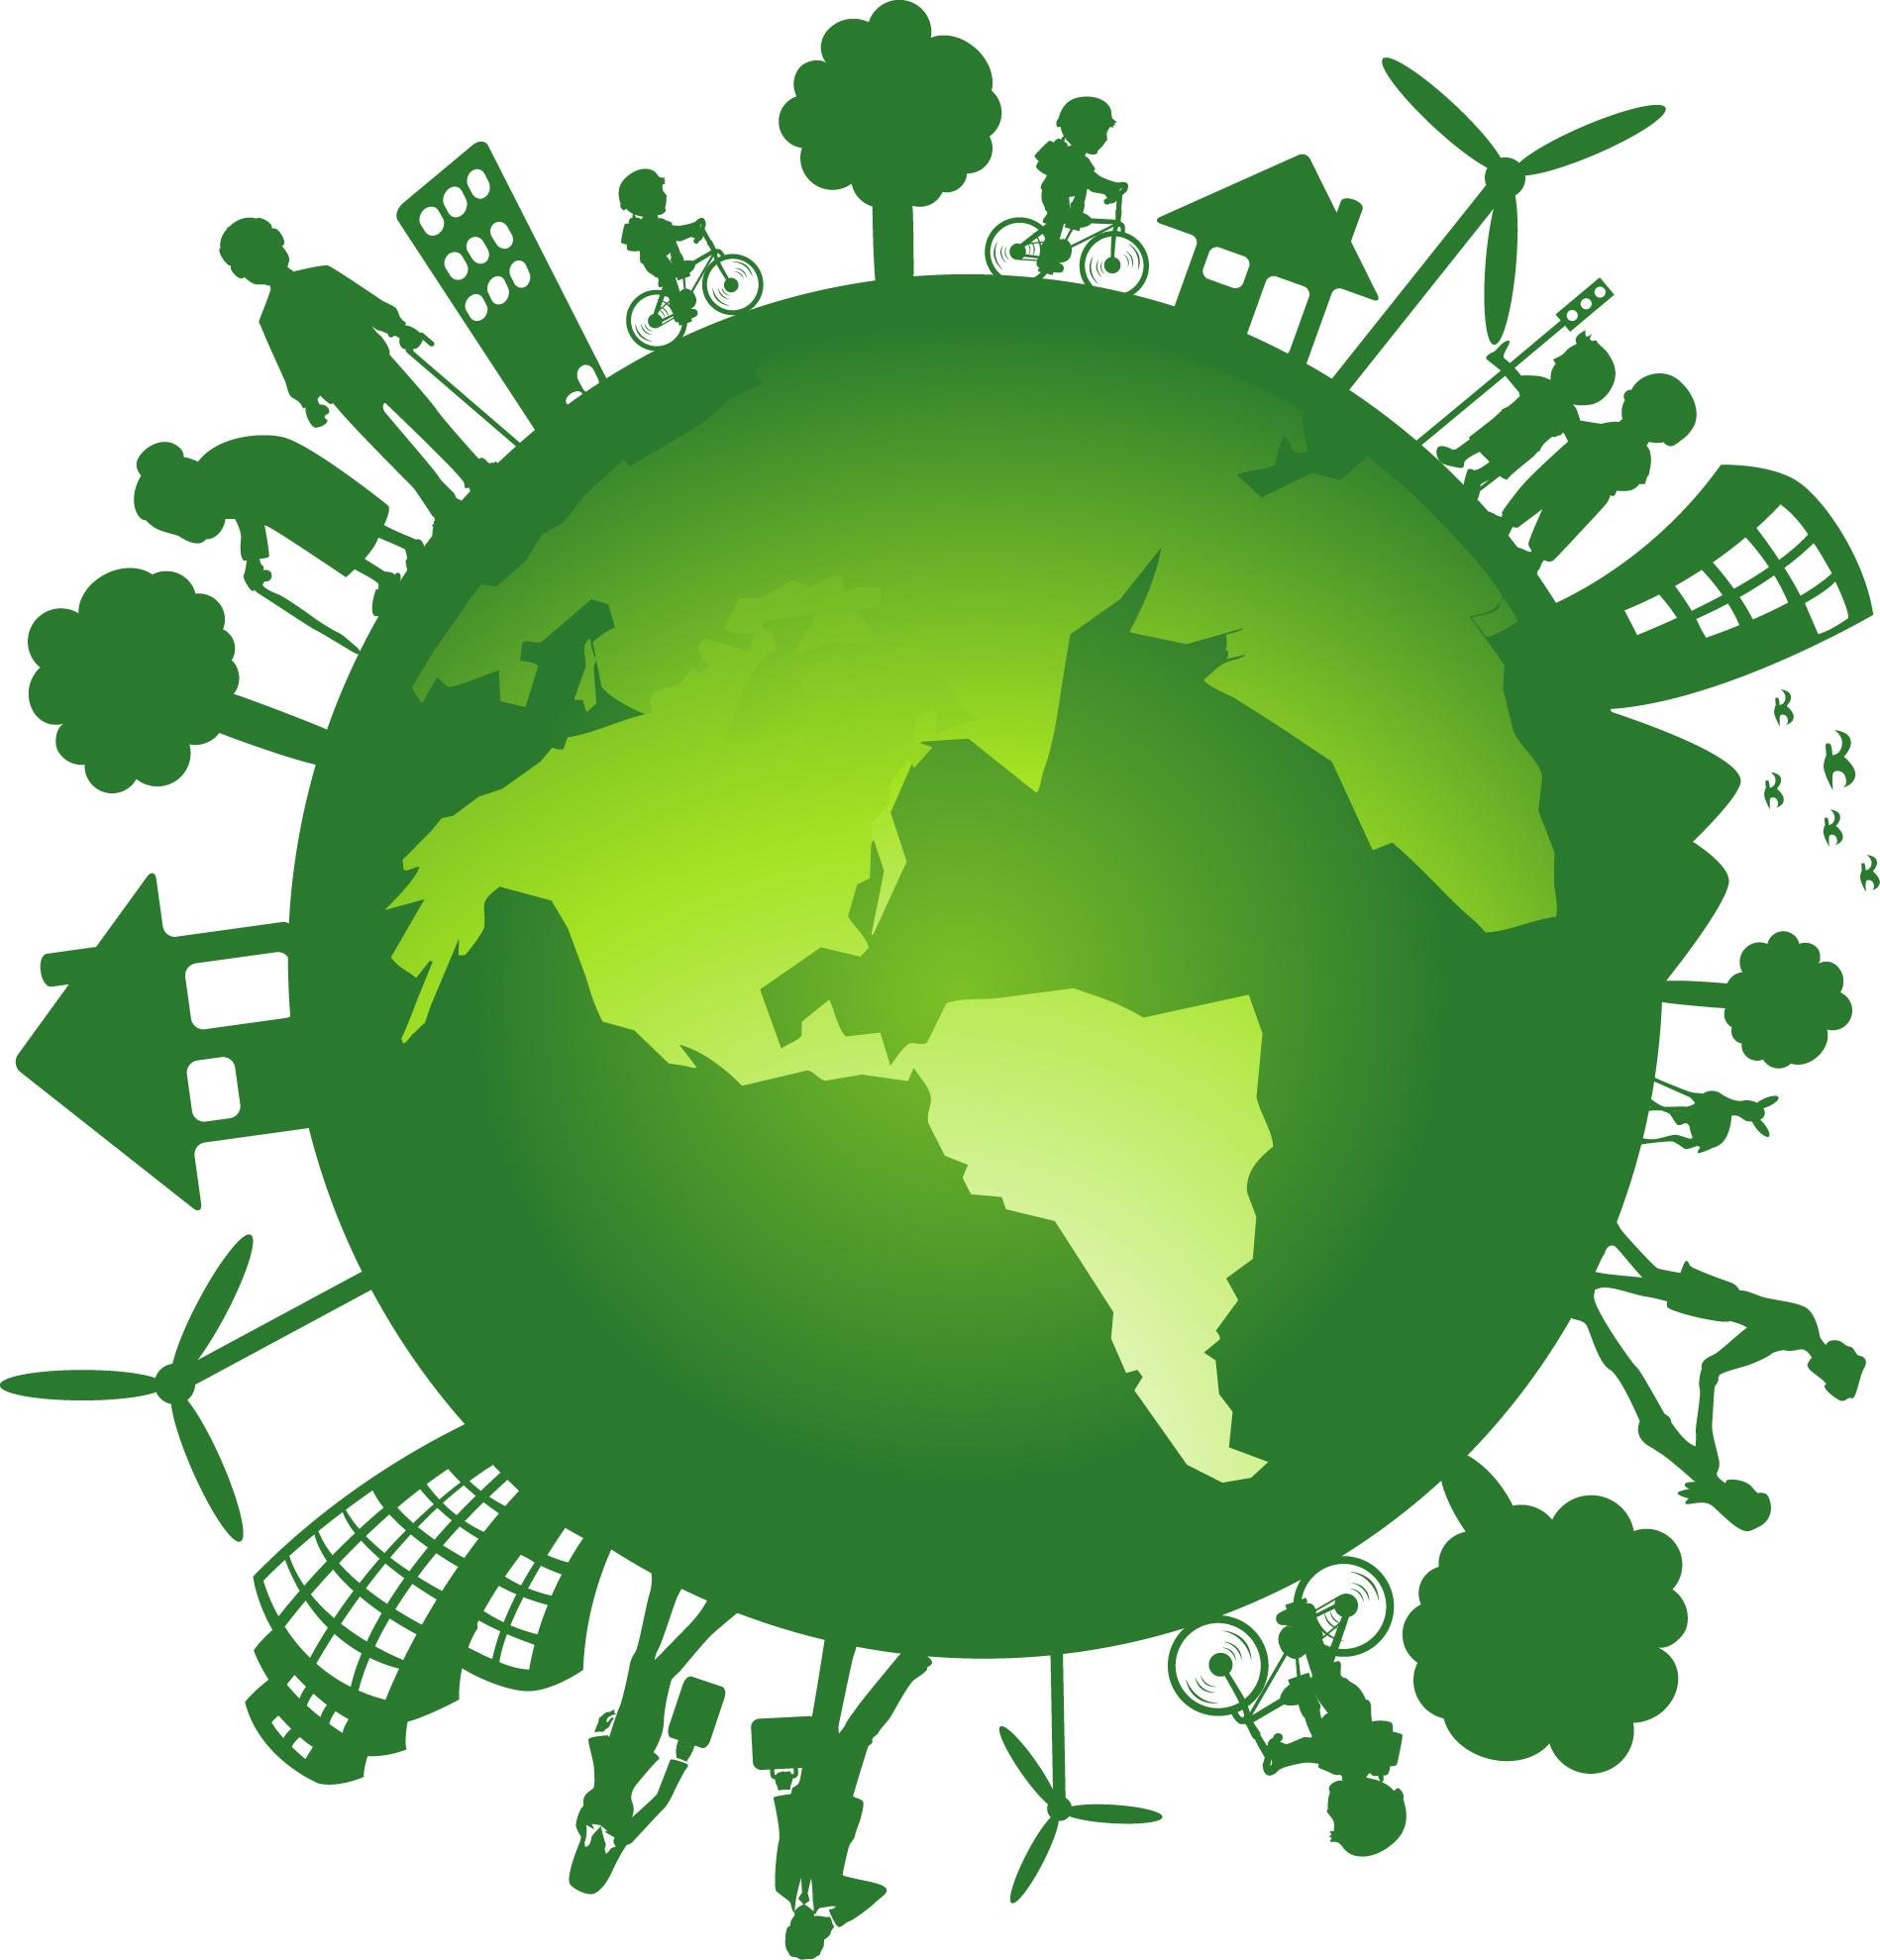 Hernieuwbare energie: elektriciteit productie van 11,7 naar 13,7 miljard kilowattuur in 2015